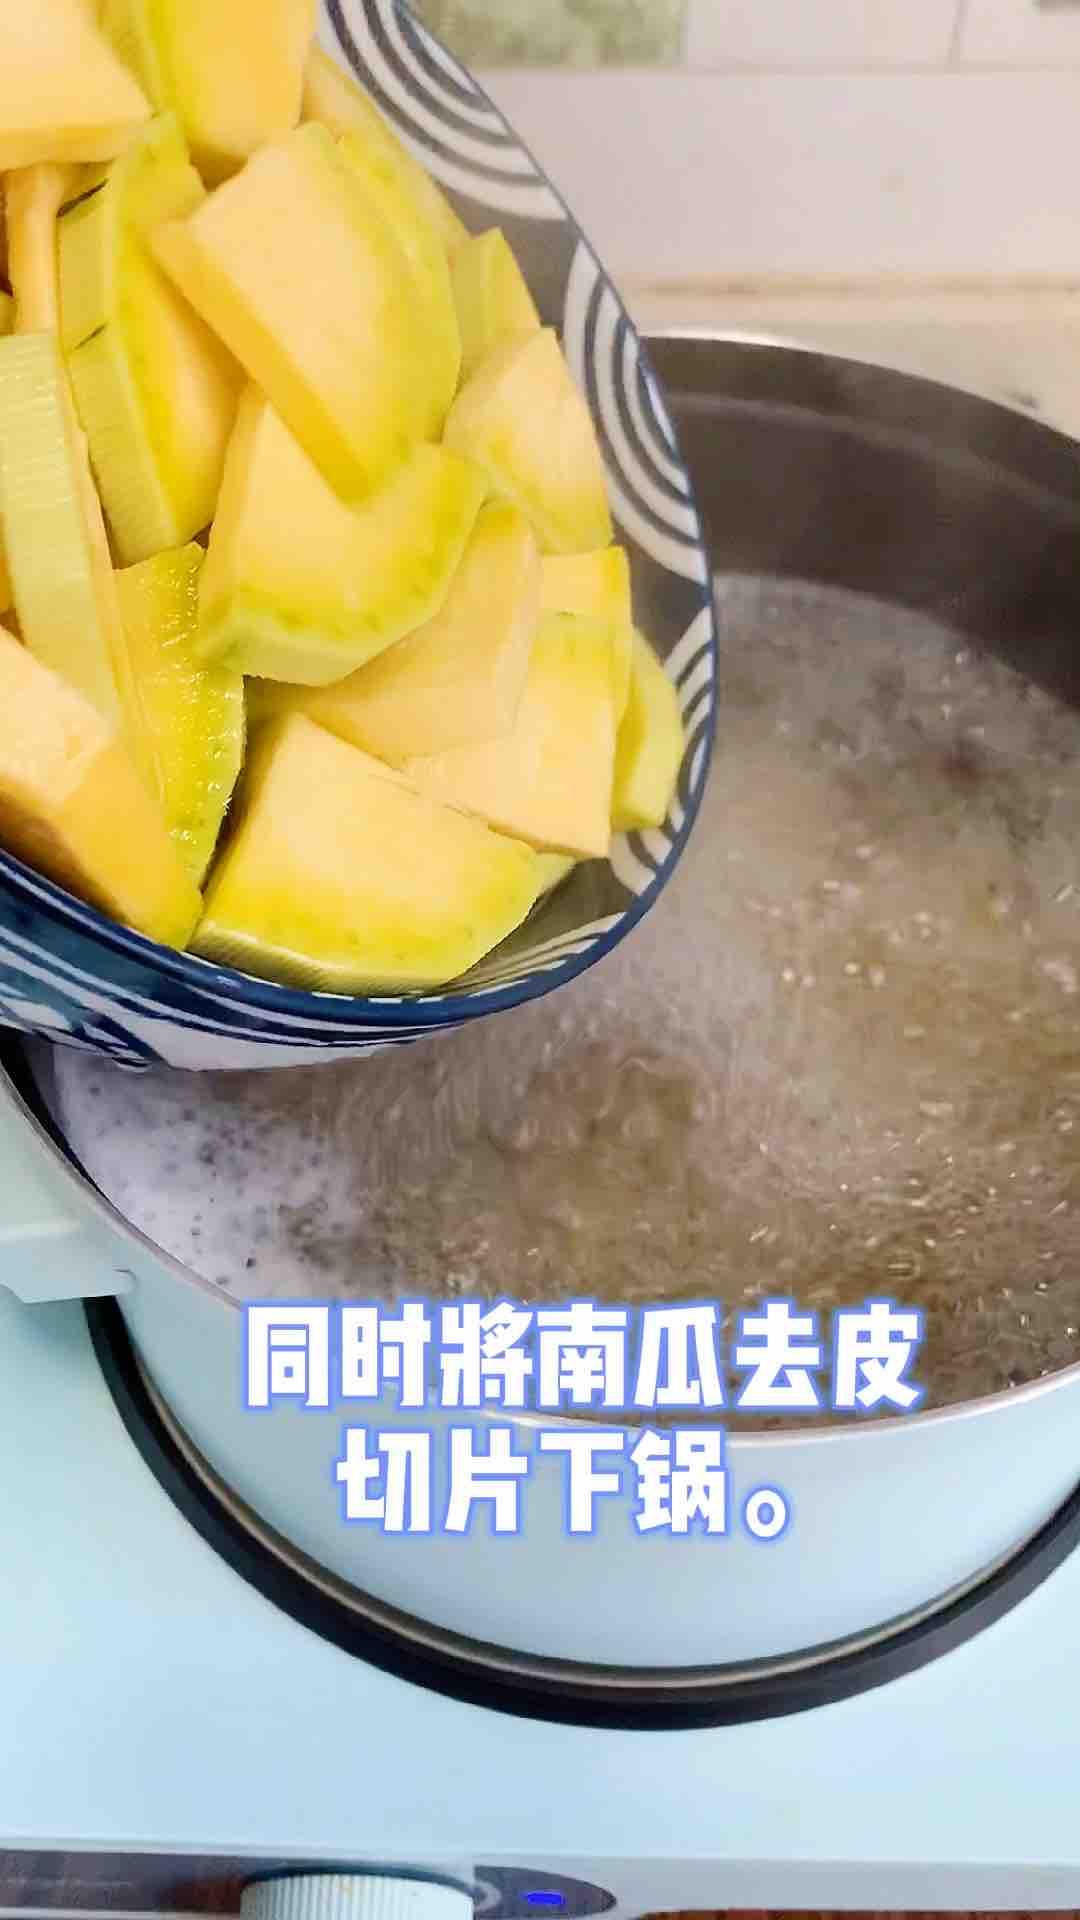 咖喱时蔬鱼饼意面的家常做法